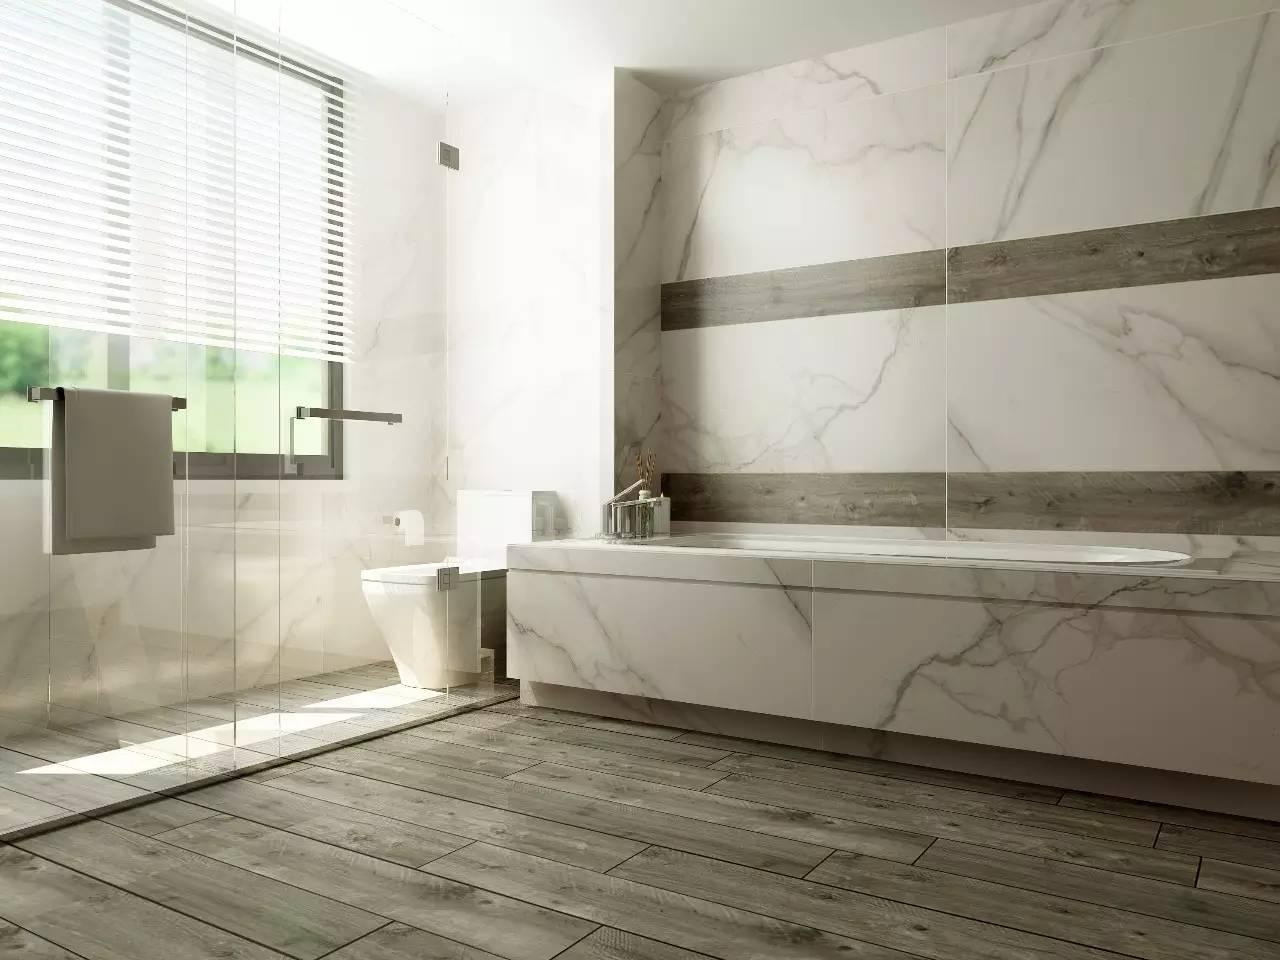 厕所 家居 设计 卫生间 卫生间装修 装修 1280_960